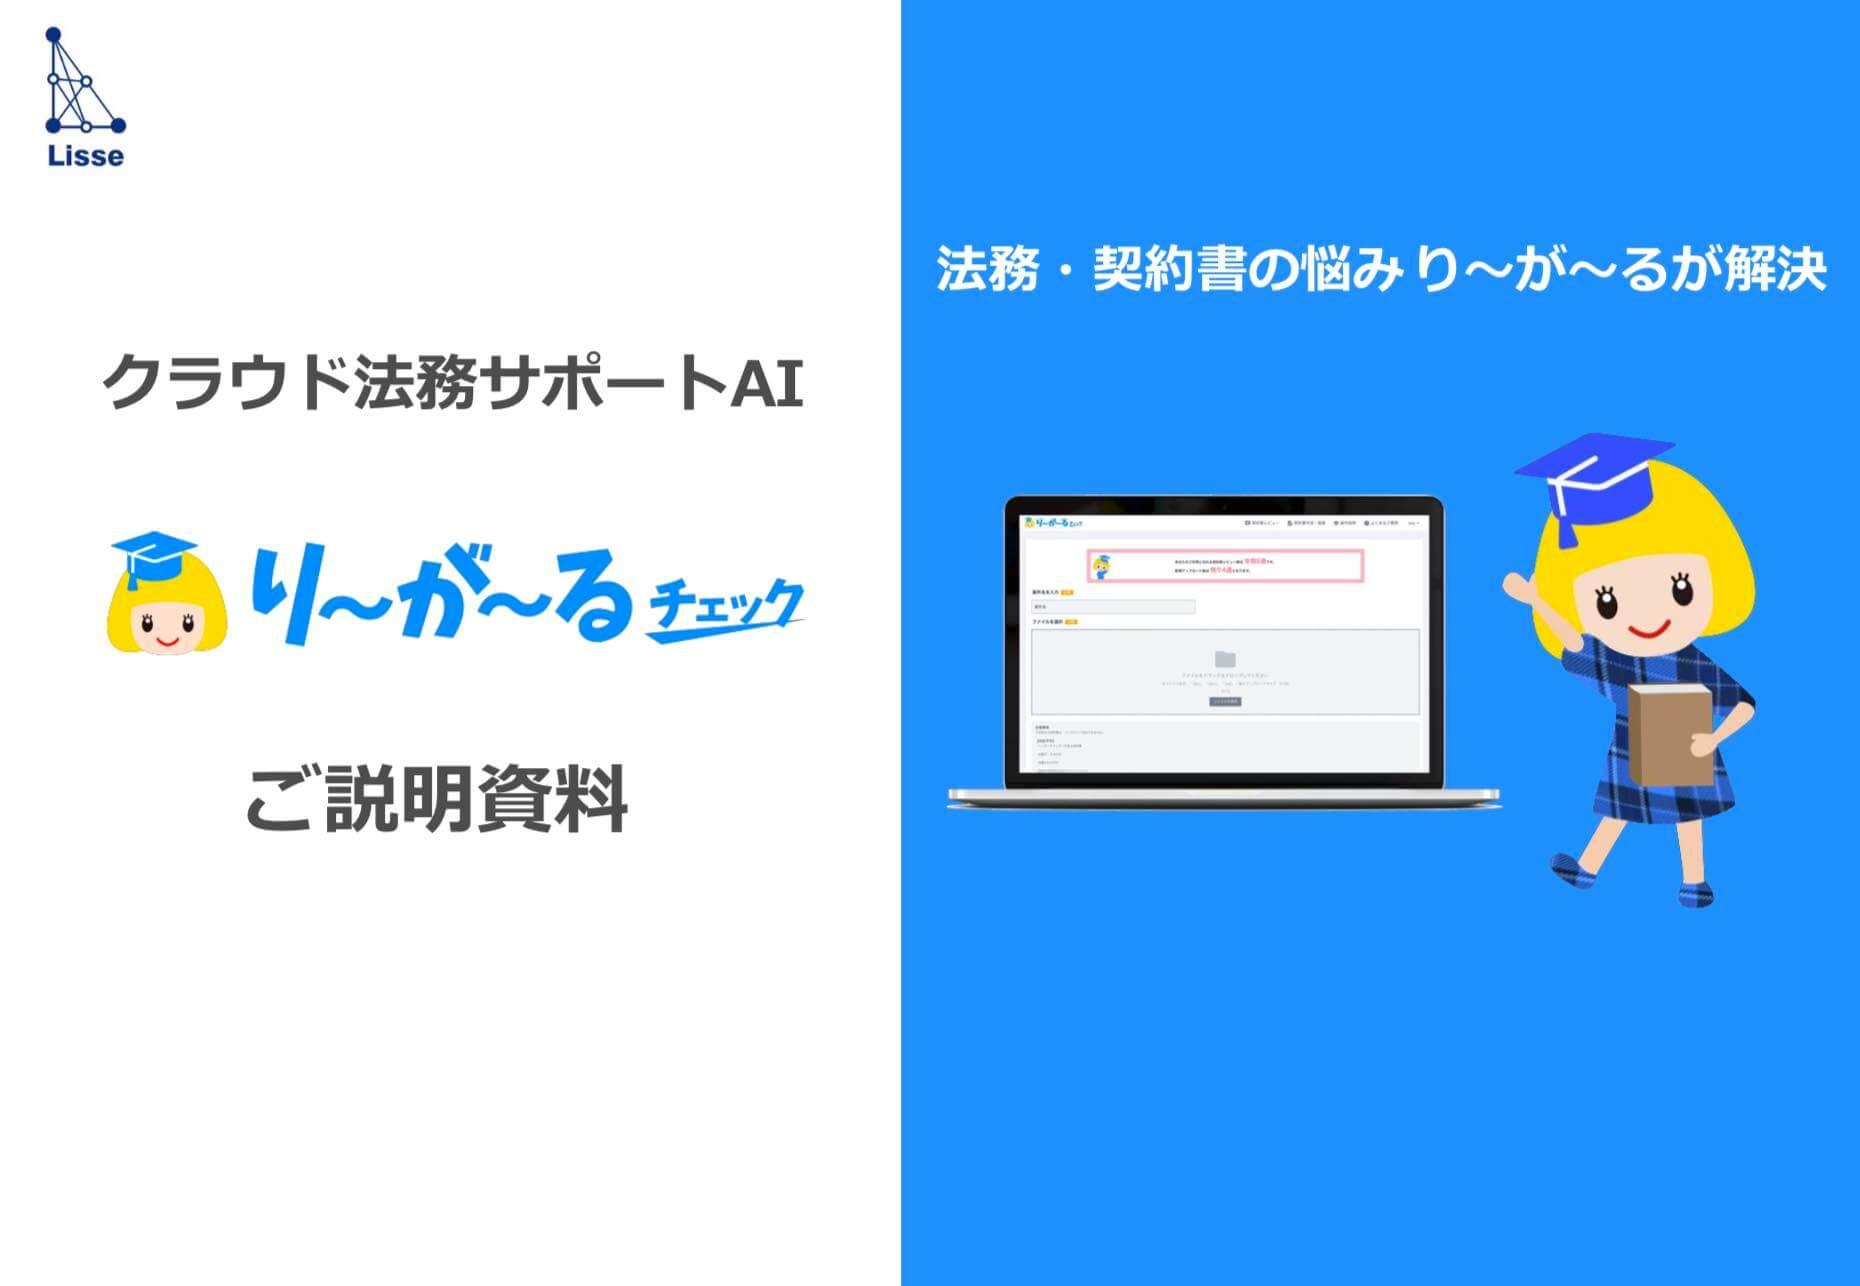 和文・英文契約書レビューAIサービス「り〜が〜るチェック」